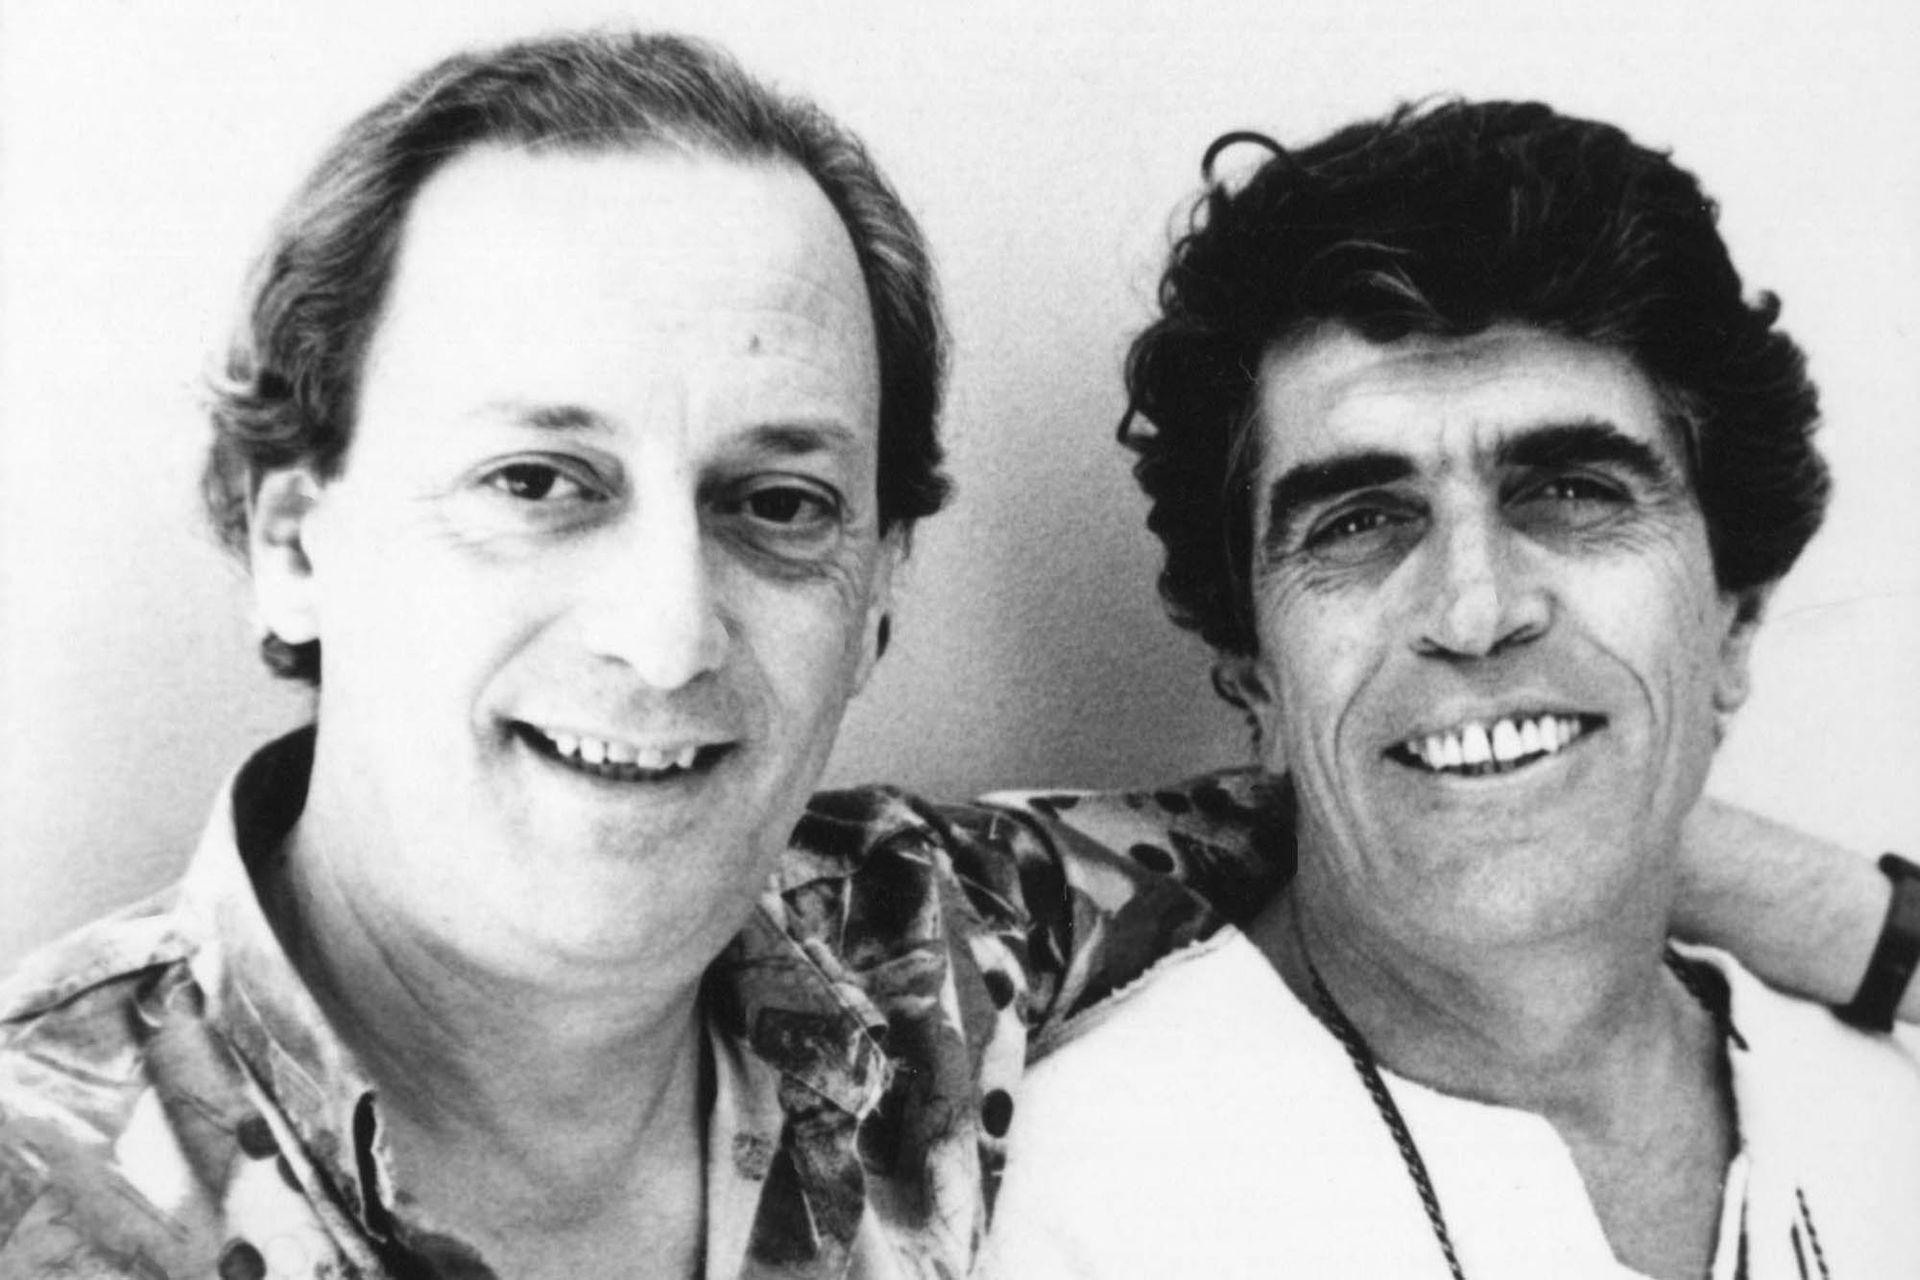 Carlos Gianni y Hugo Midón, una de las mejores duplas creativas que ha dado el musical argentino